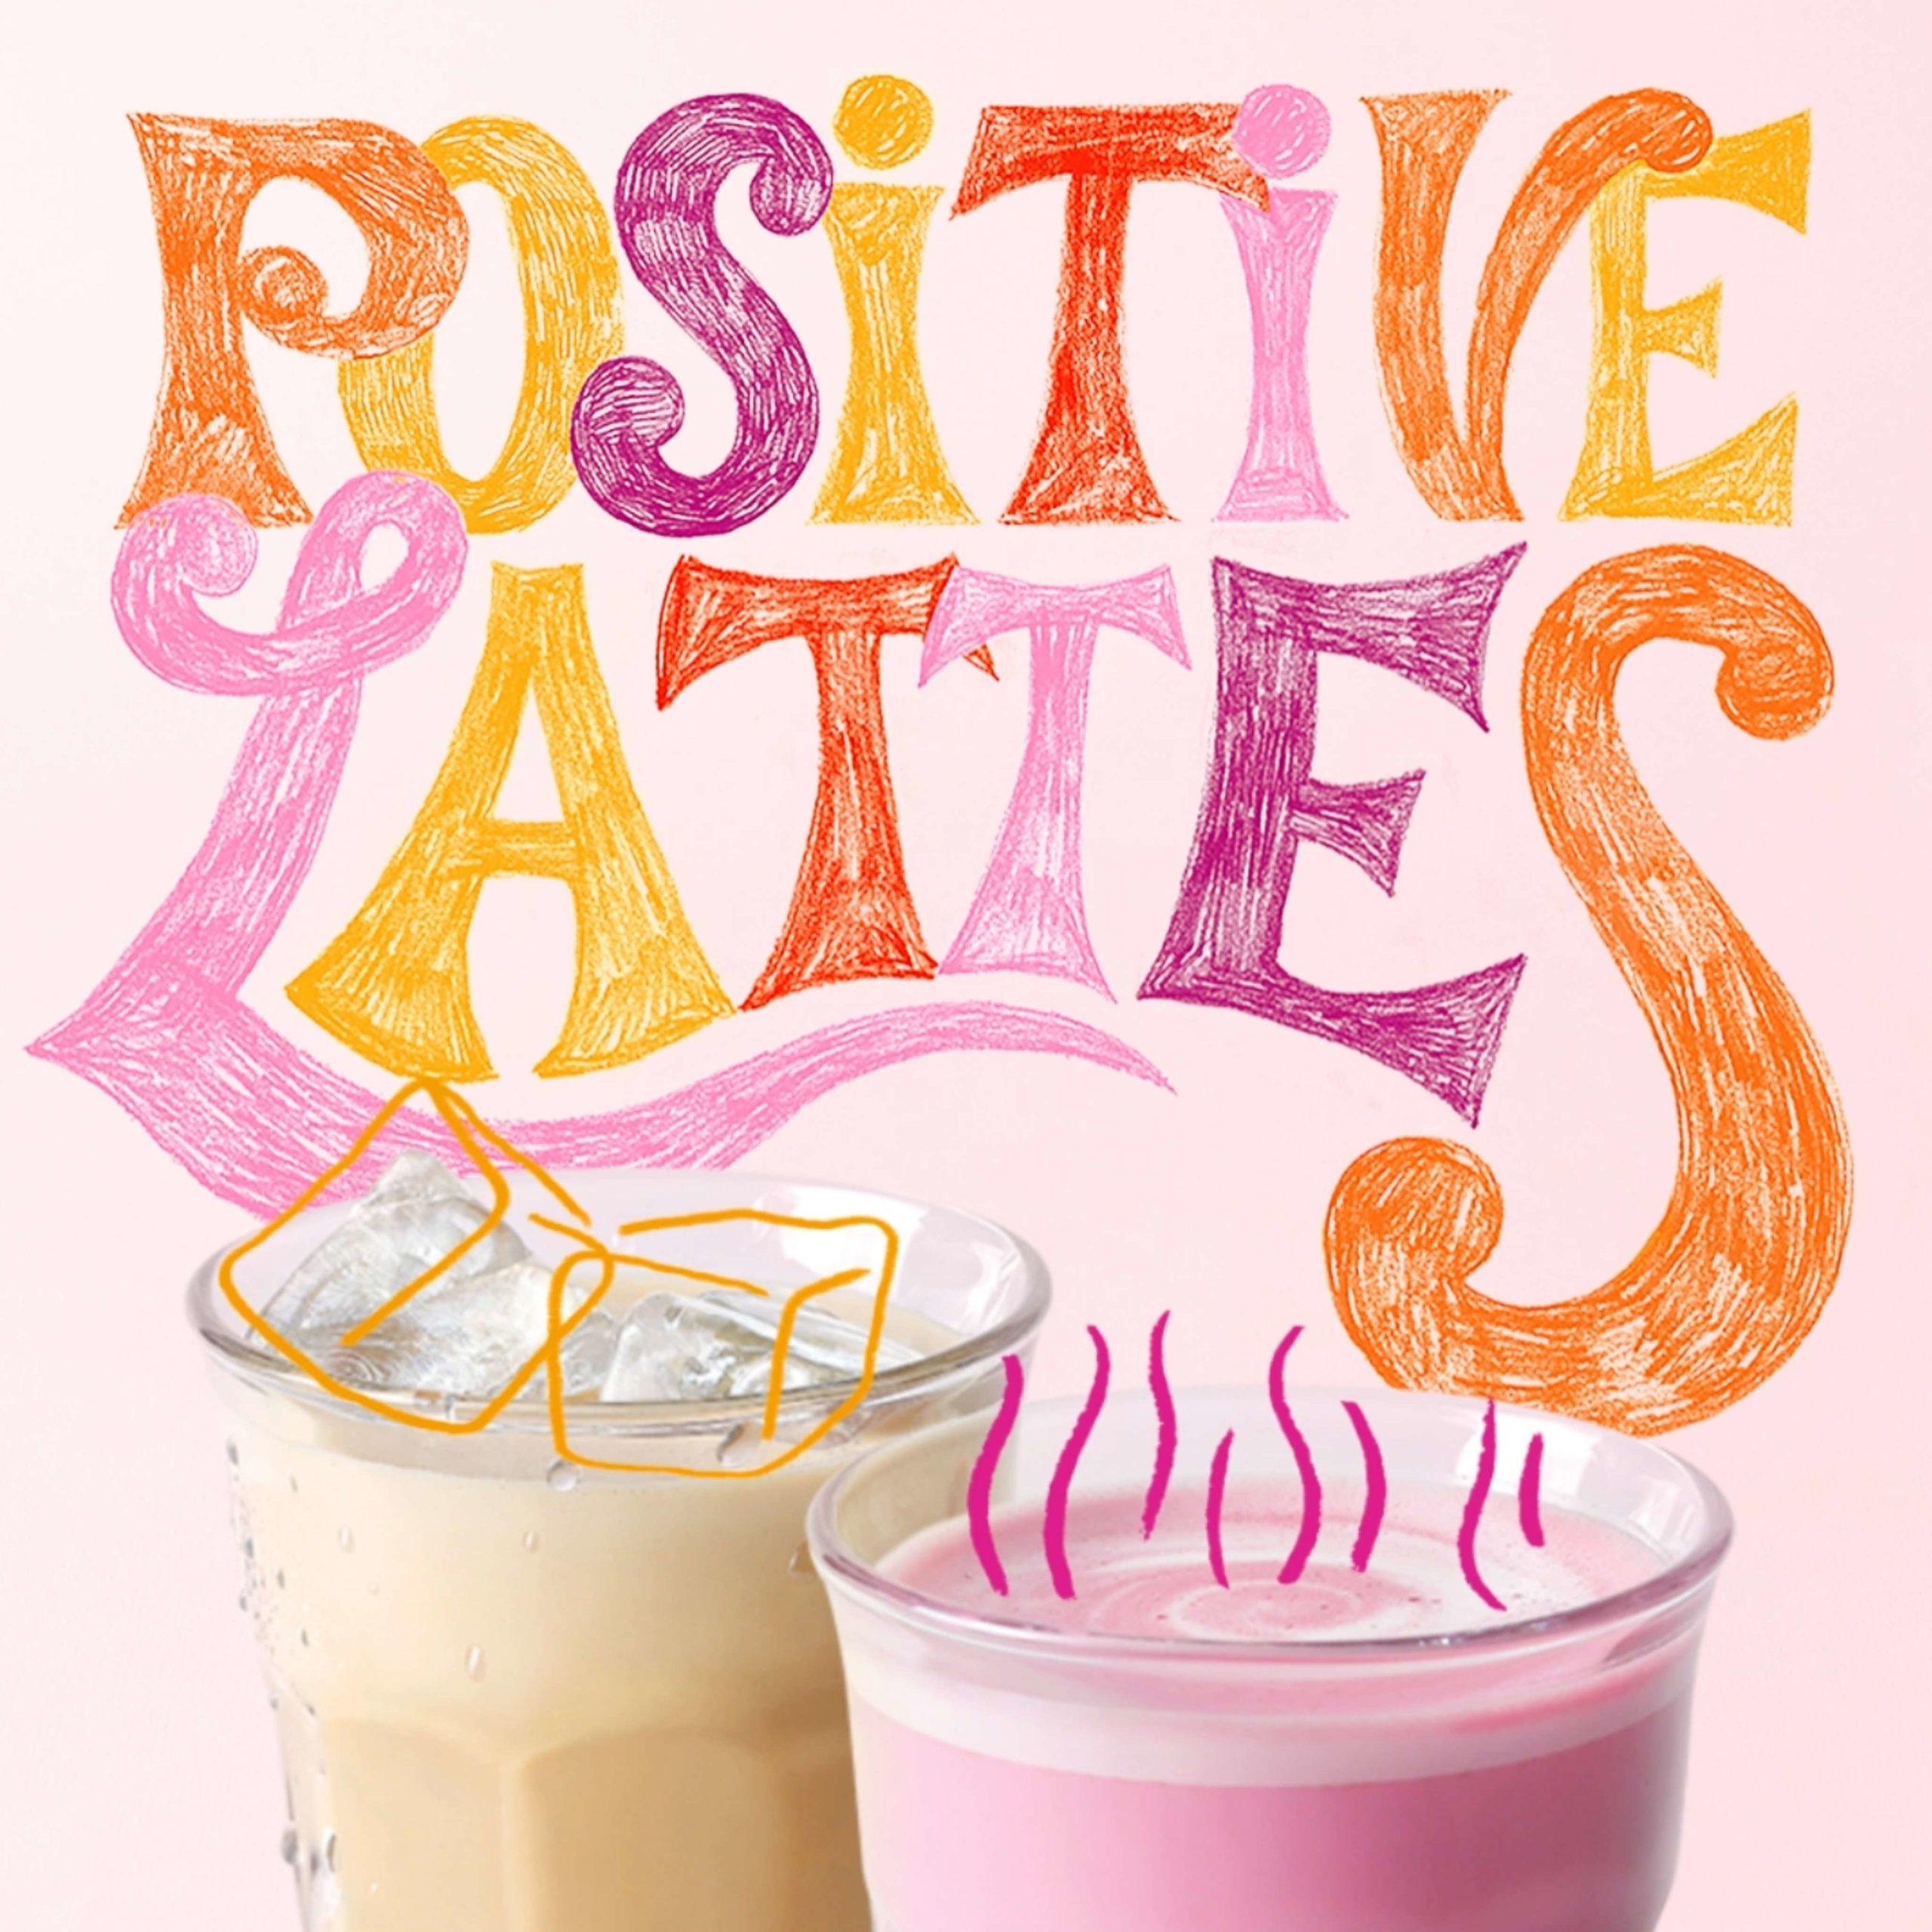 Positive-lattes